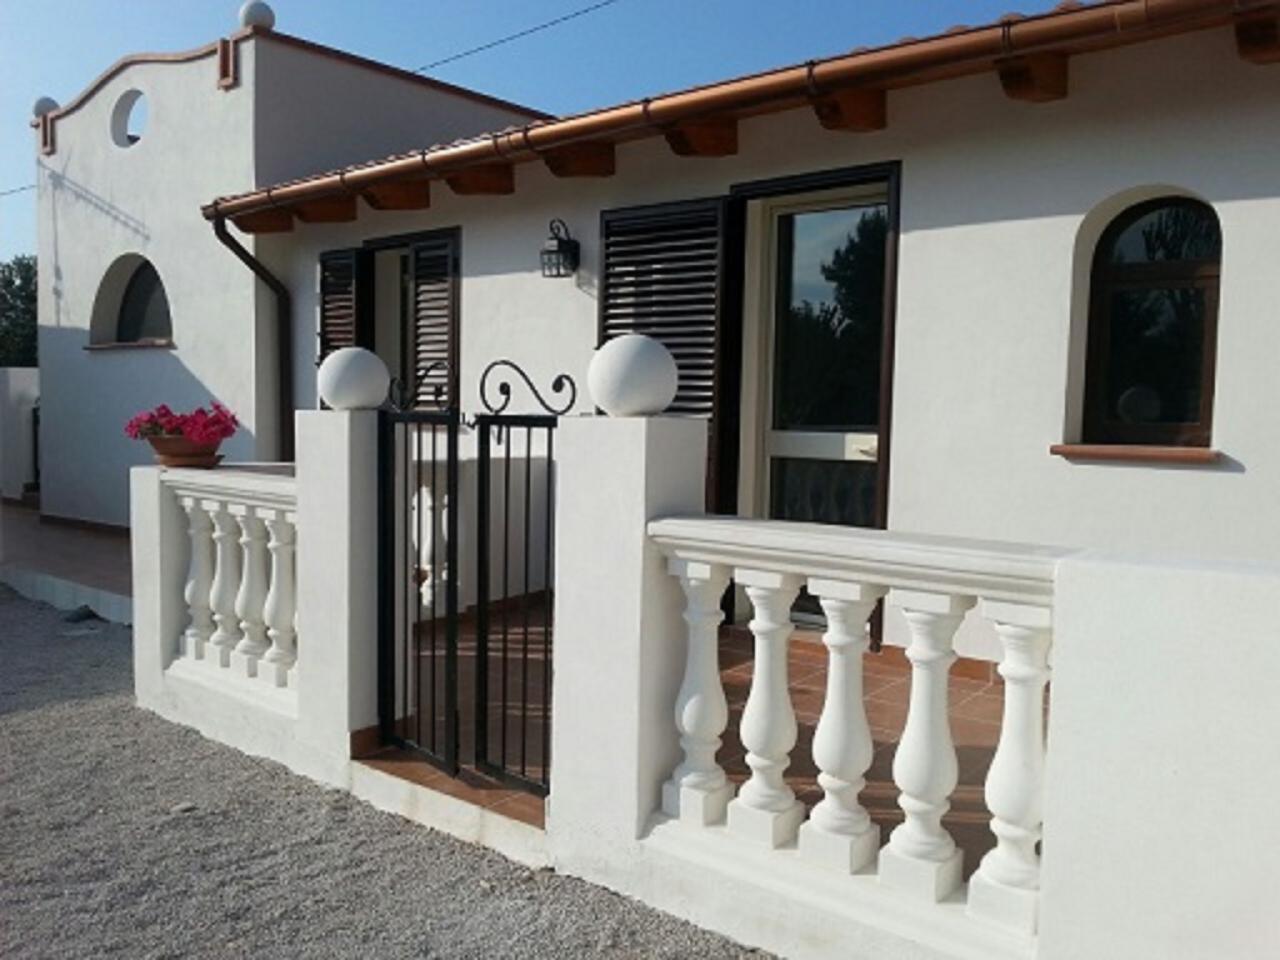 Maison de vacances villa Nunziatella    BLOUMOON (1920830), Trappeto, Palermo, Sicile, Italie, image 3